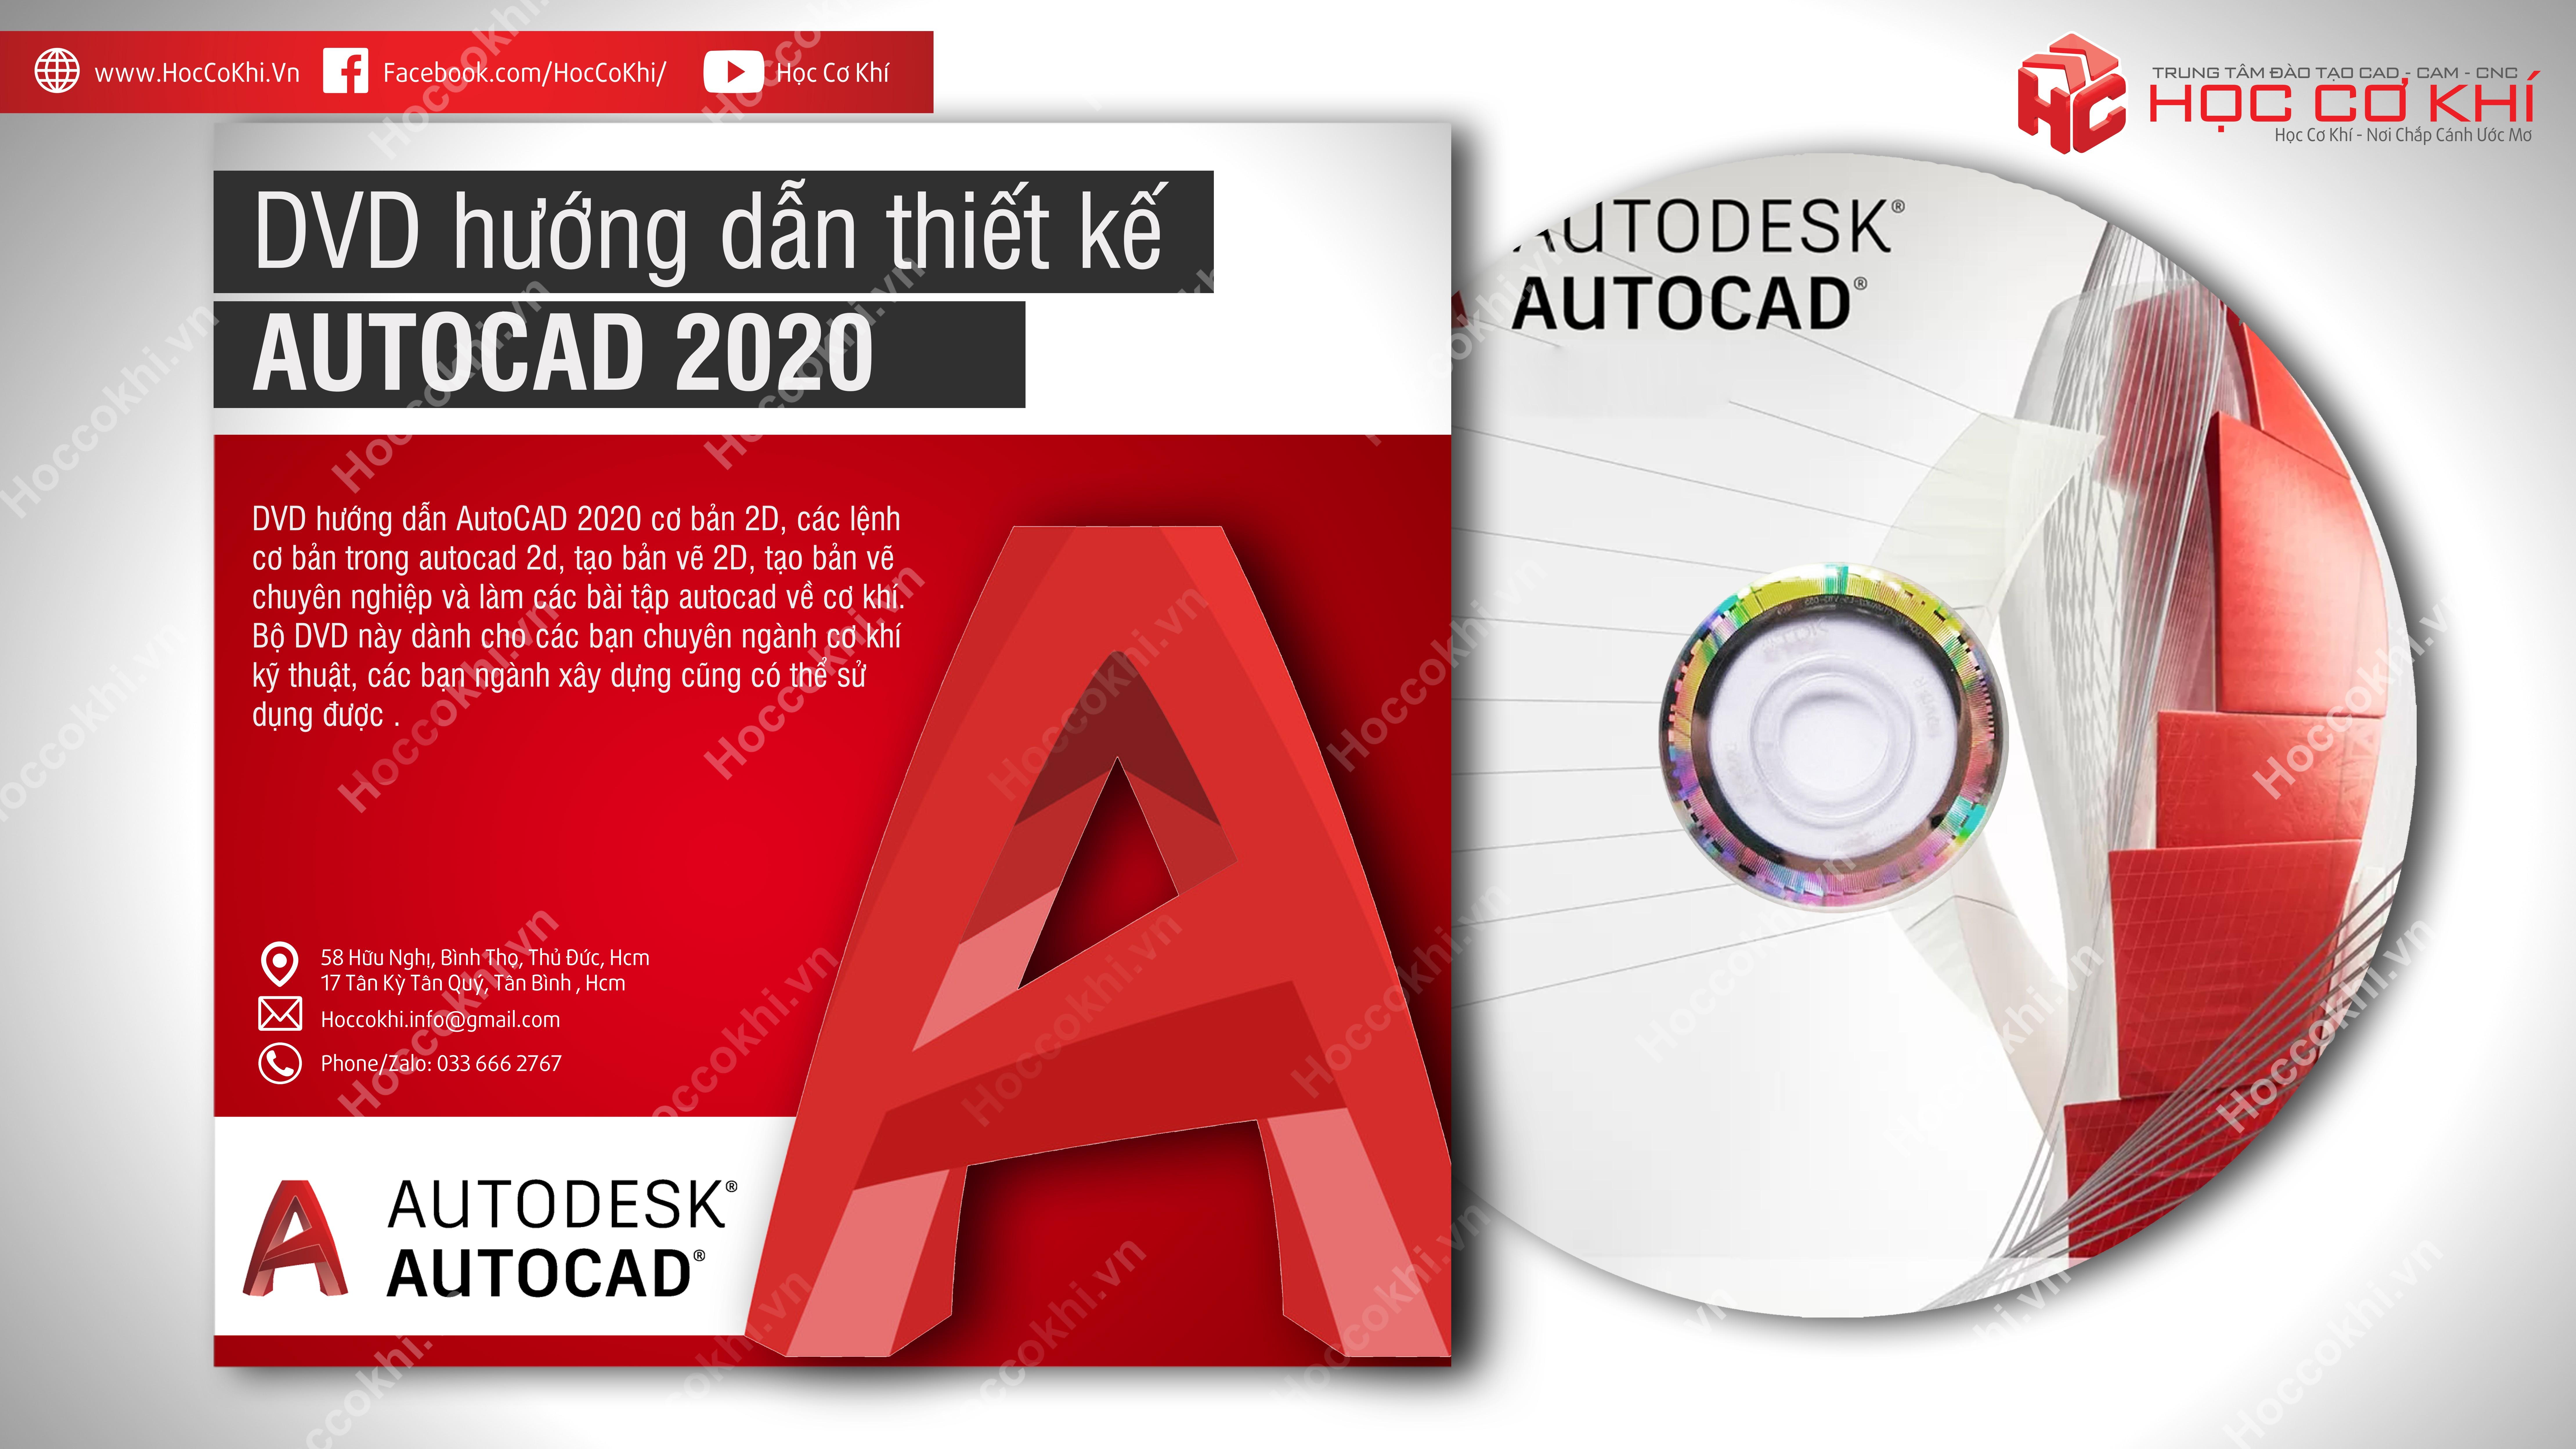 DVD hướng dẫn AutoCAD 2020